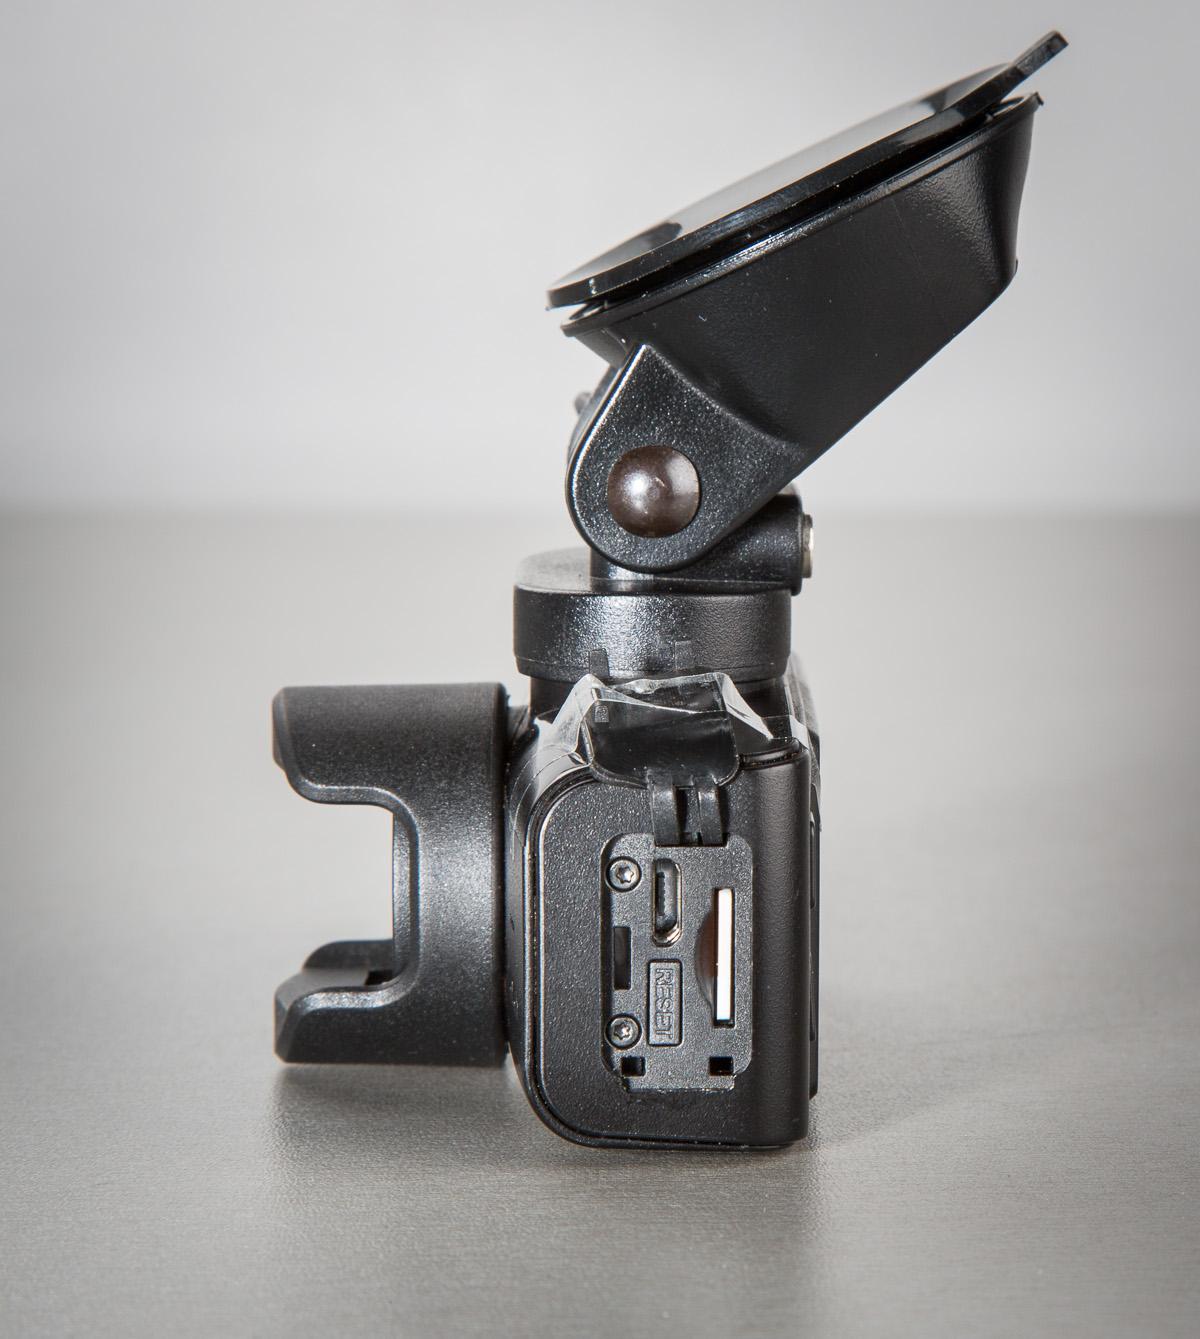 datakam-autokaamera-5